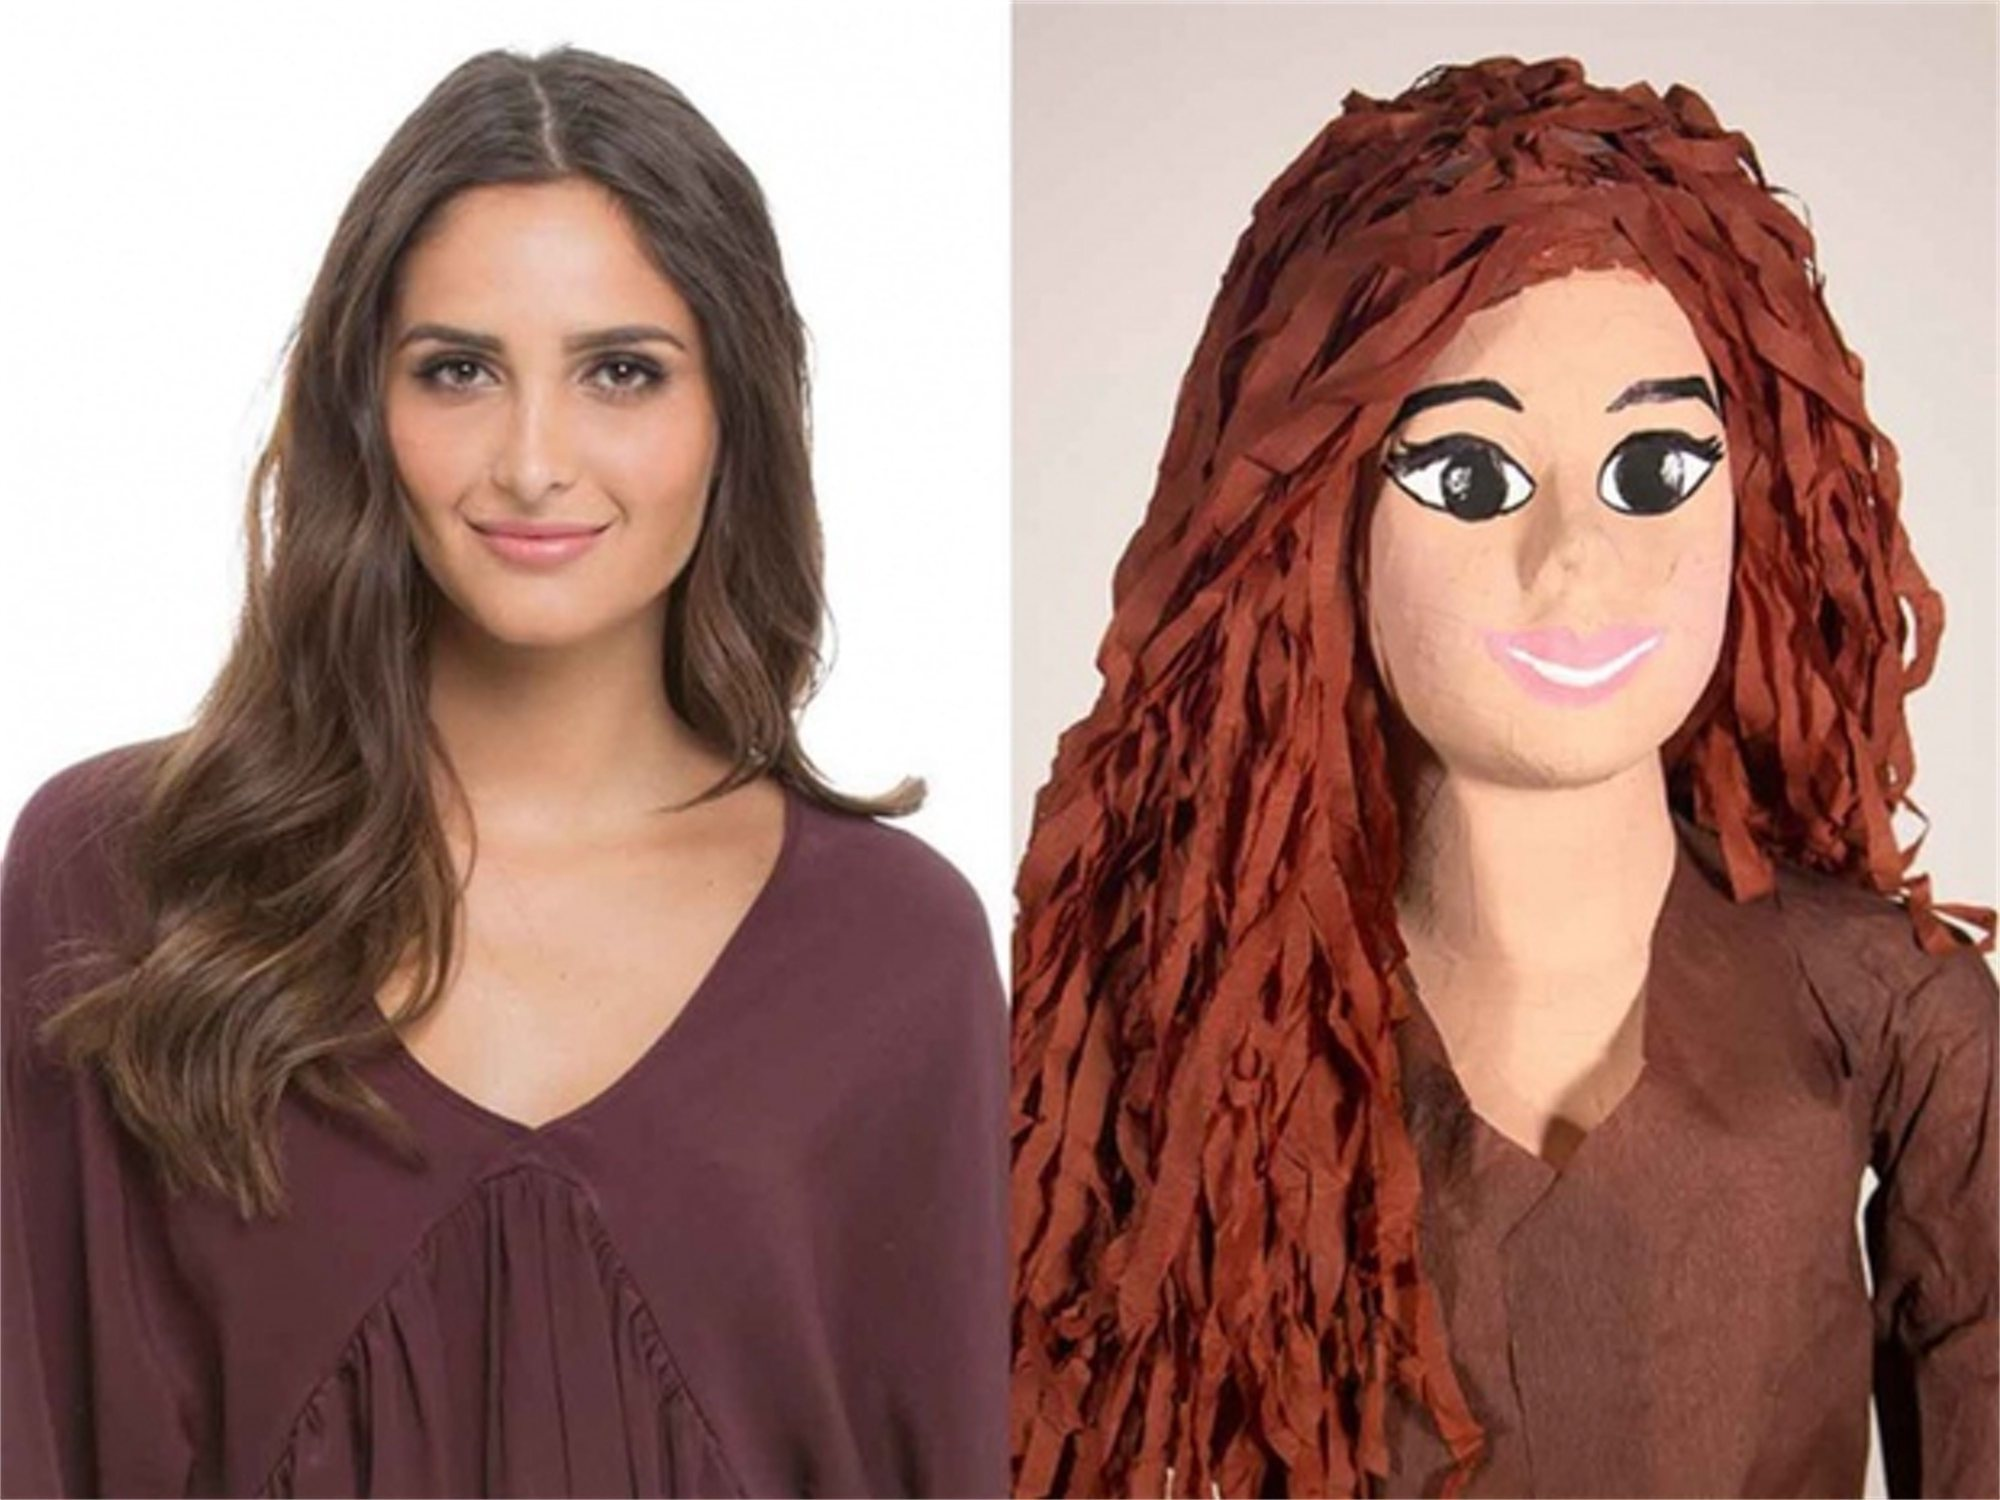 """Lanzan piñatas con forma de mujer para """"satisfacer el deseo de golpearlas"""""""